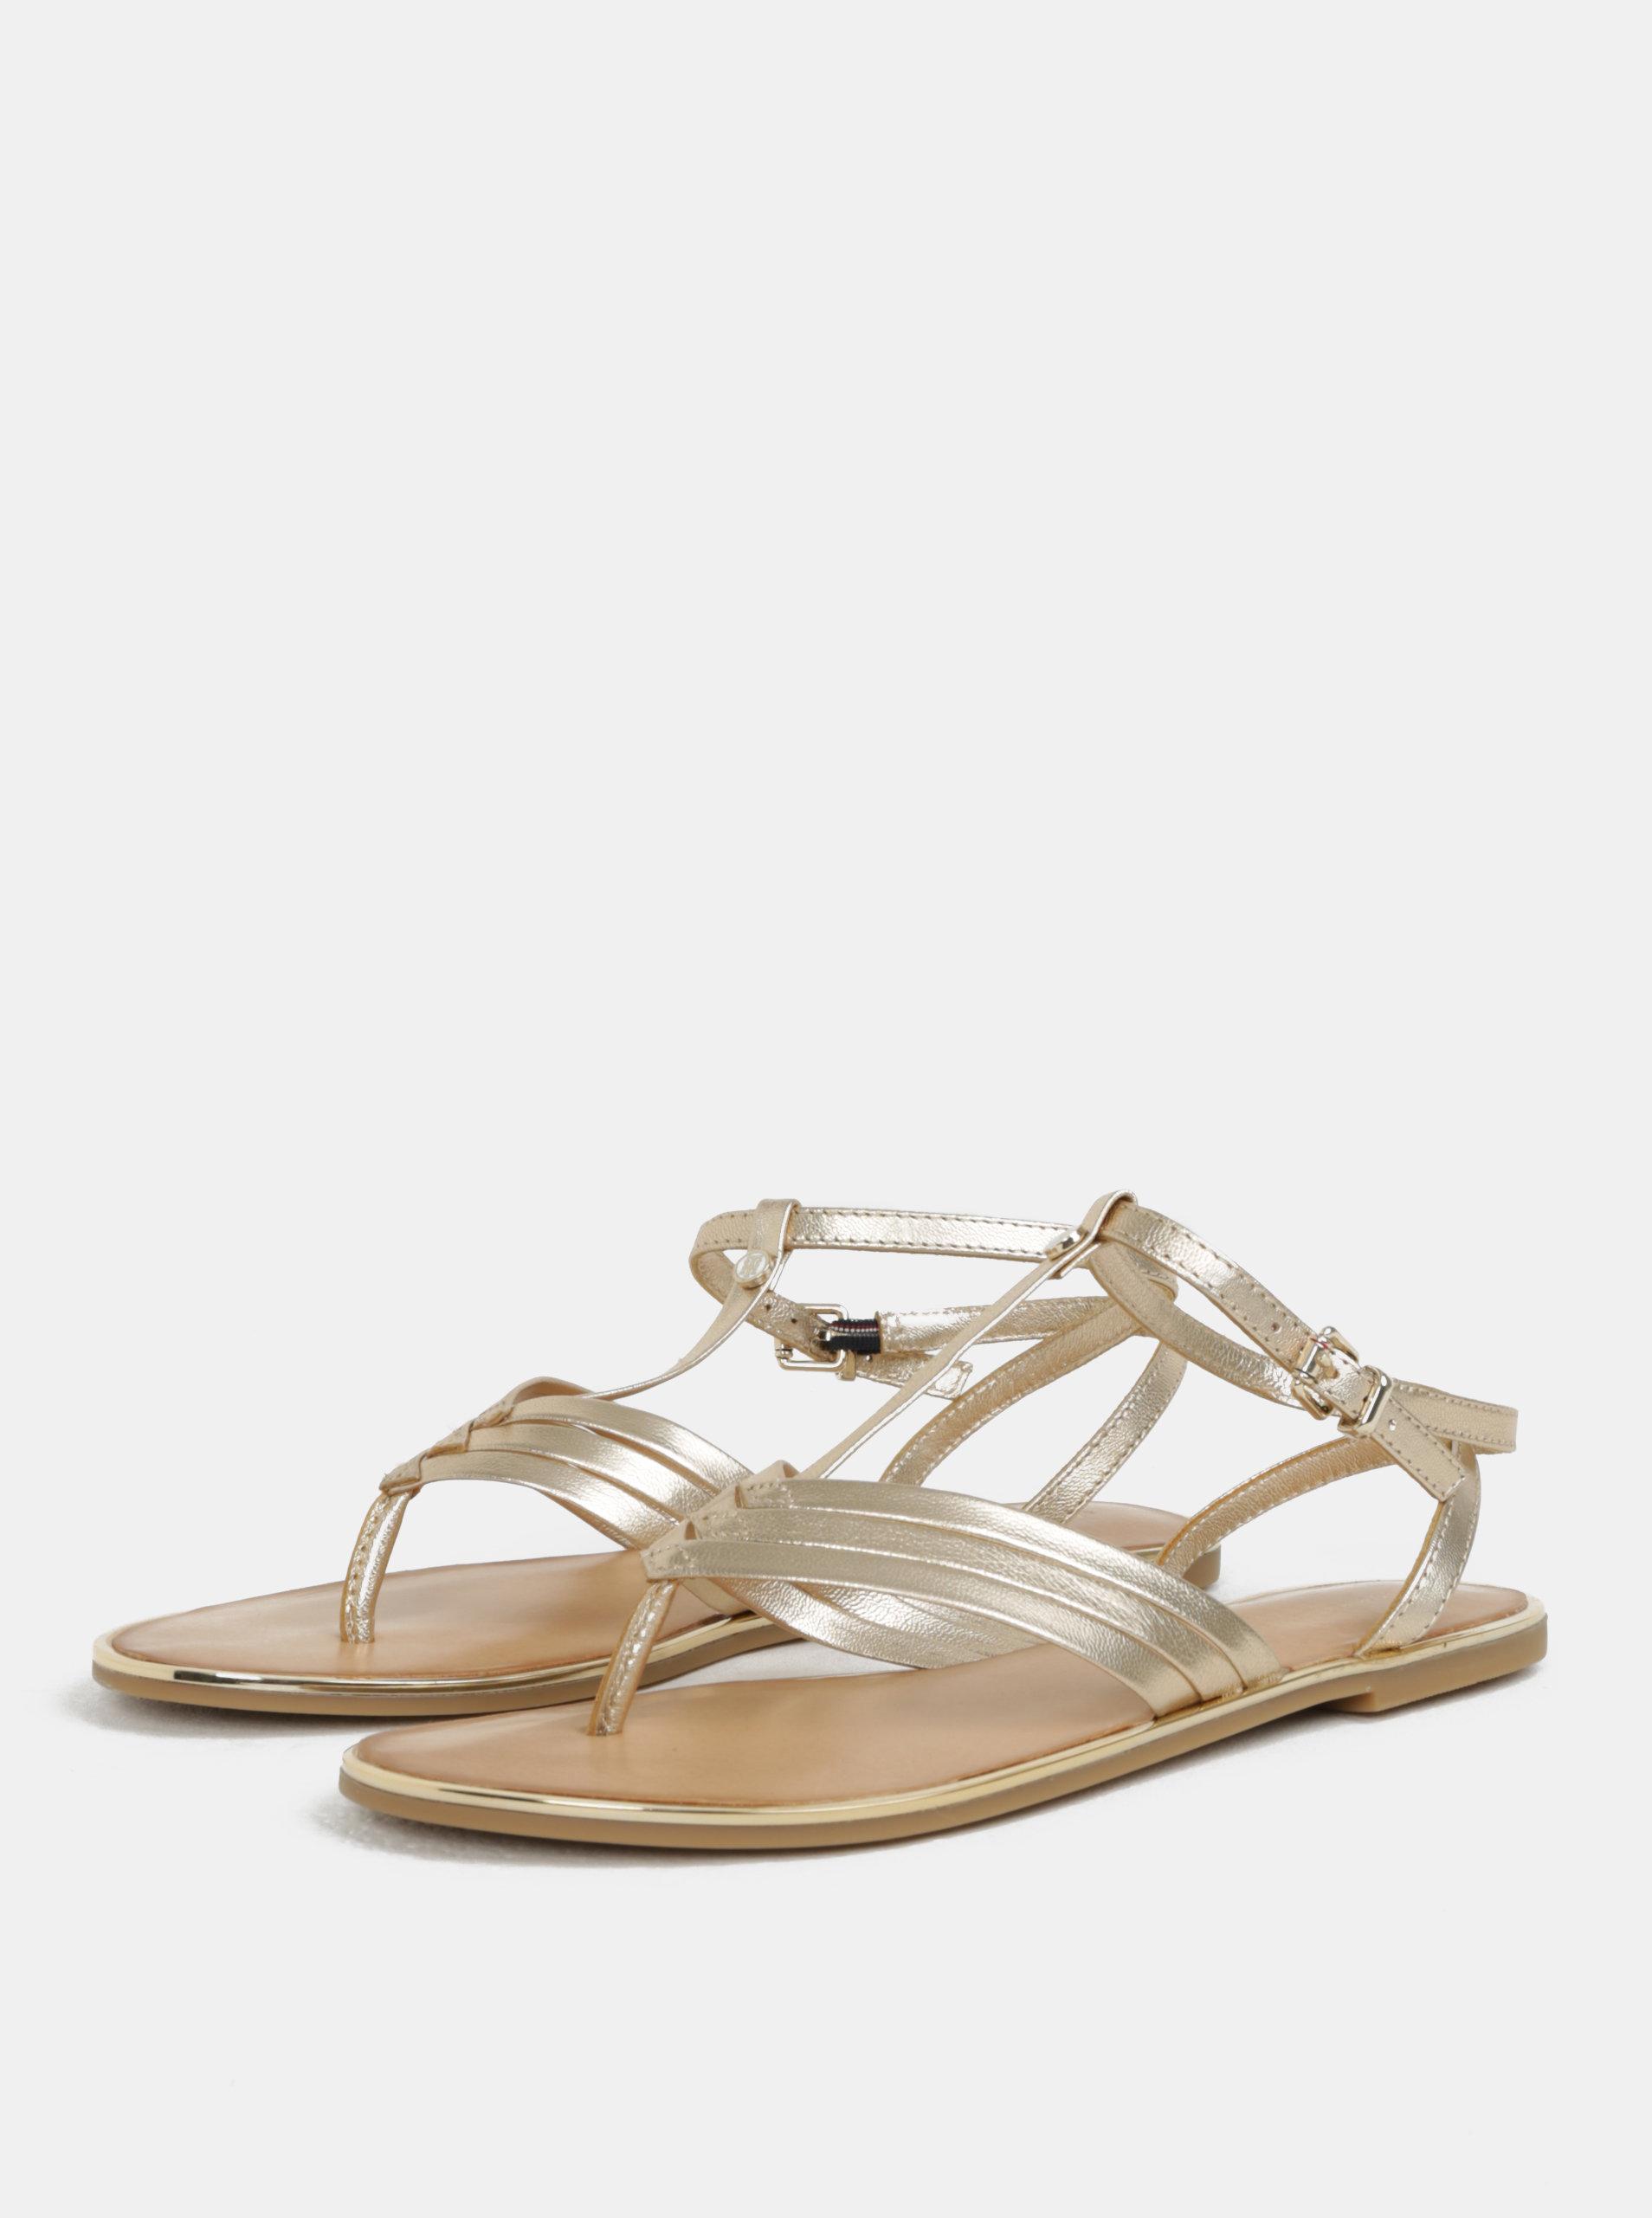 Dámské kožené sandály ve zlaté barvě Tommy Hilfiger ... 0d114e0b434